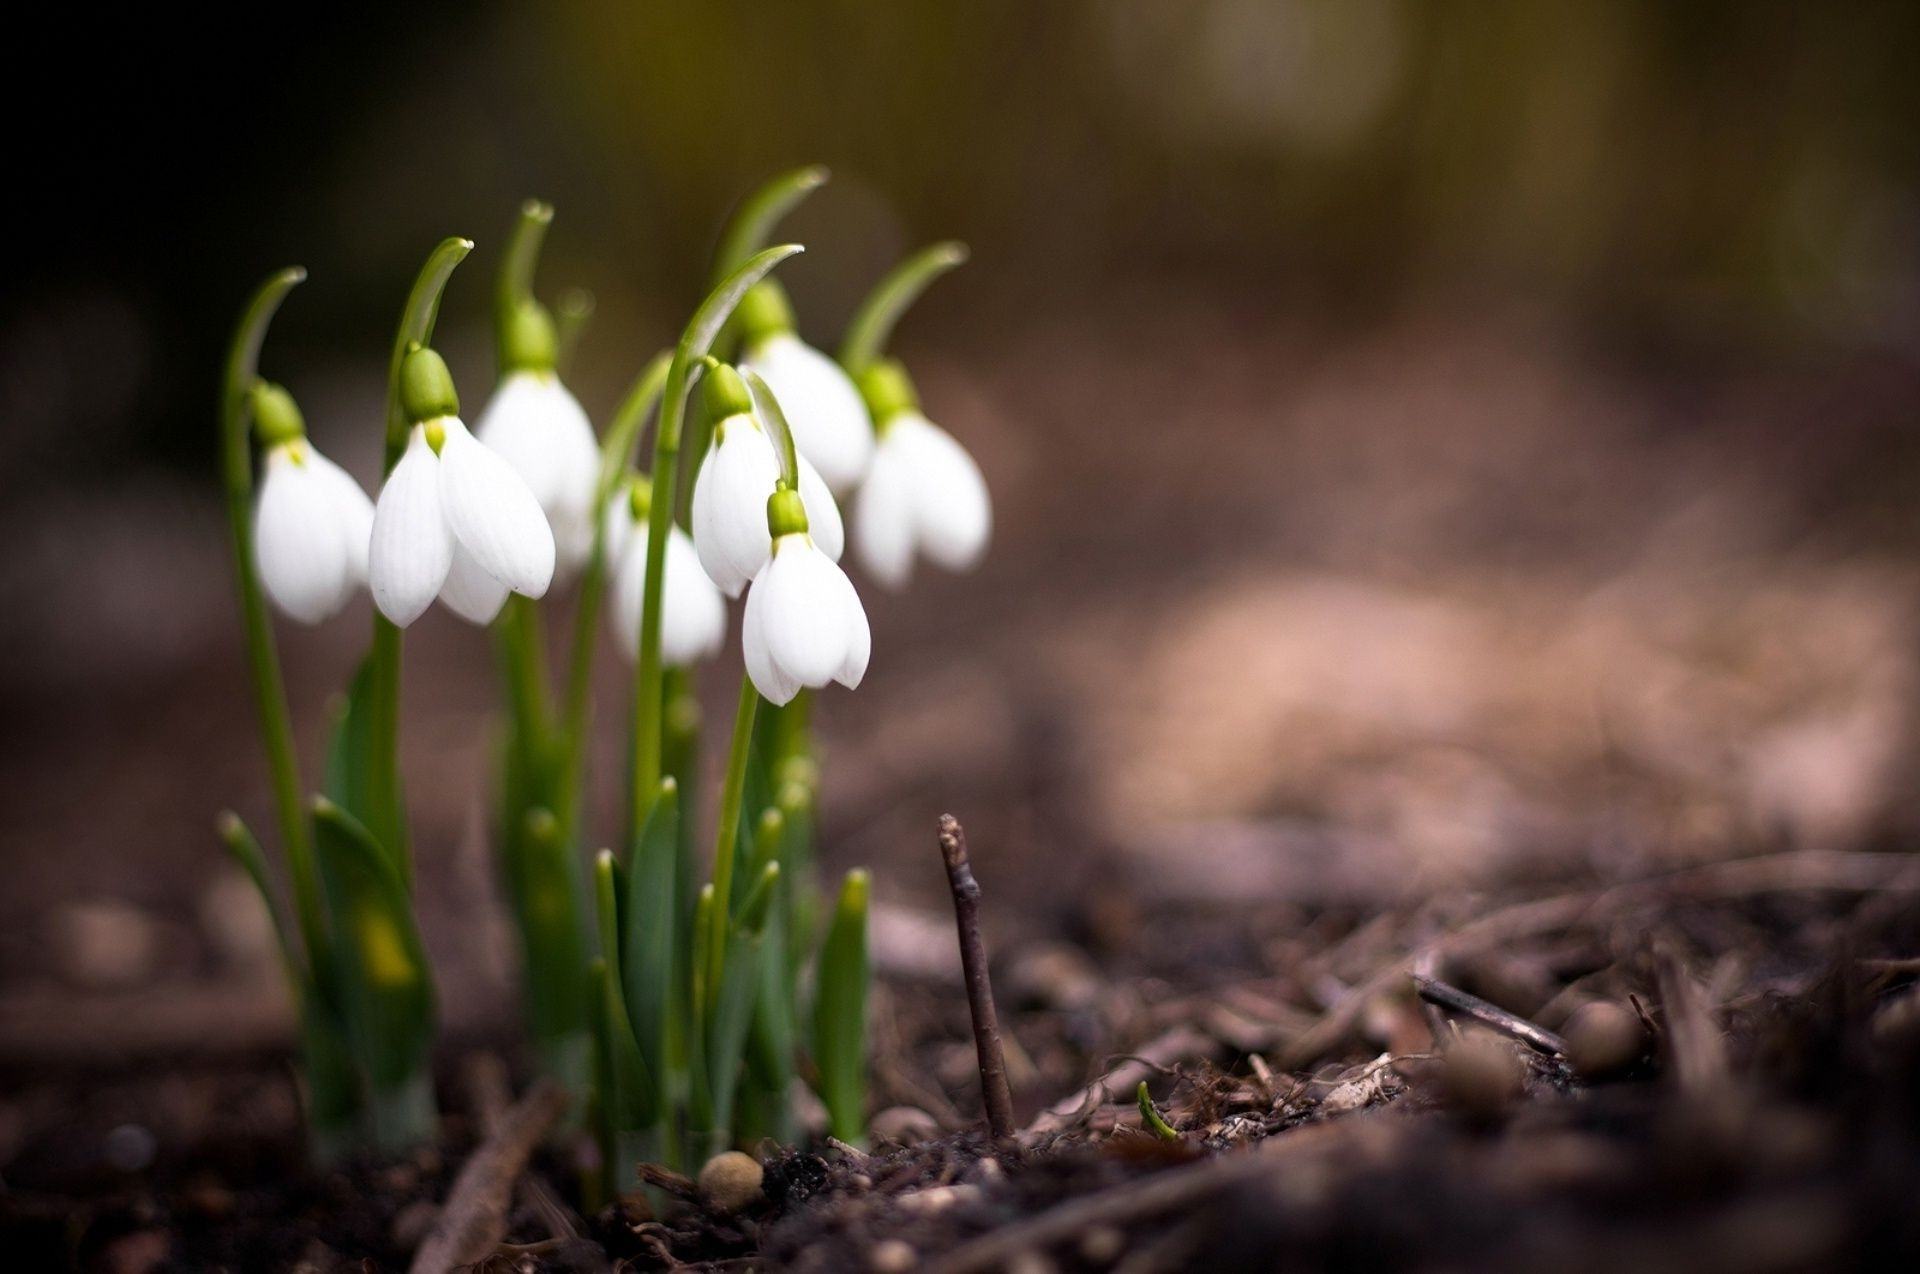 Анимации, картинки о природе весна красивые